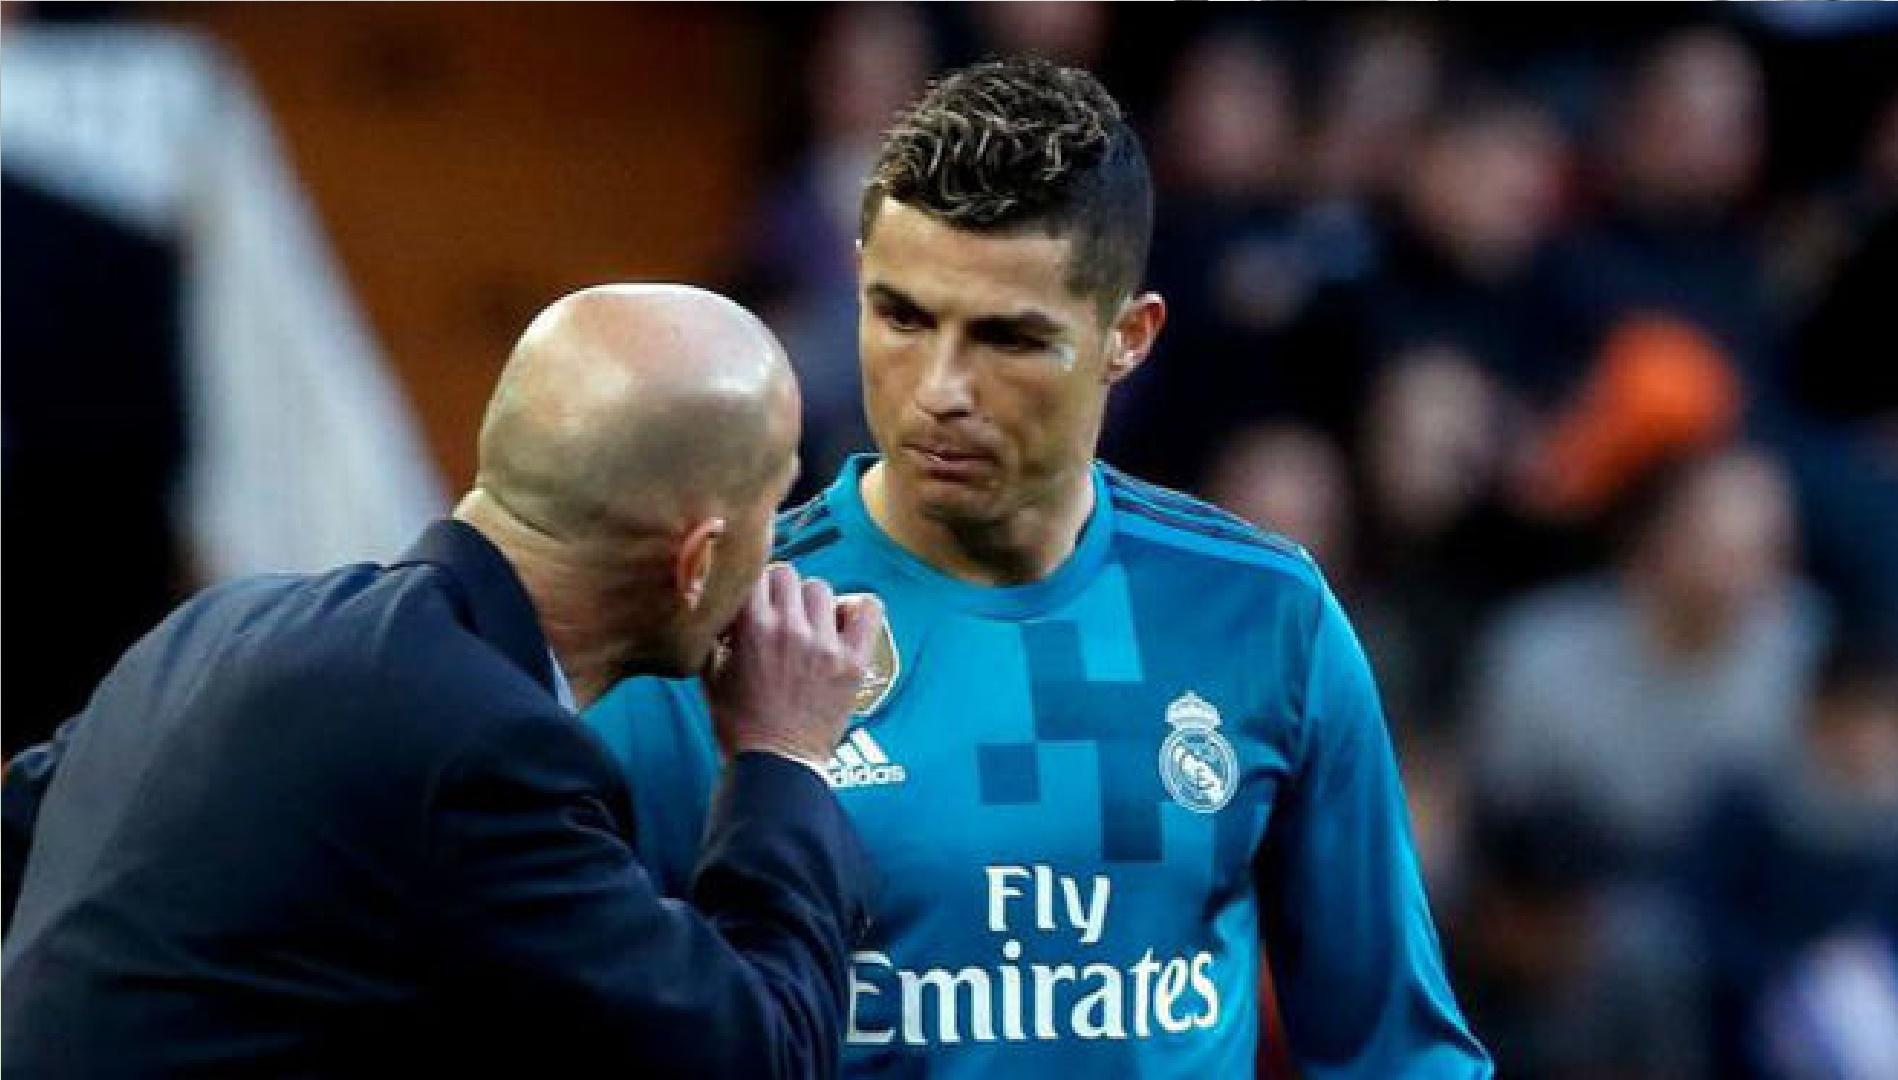 El desafío de Real Madrid en la Champion: defender el título sin Cristiano